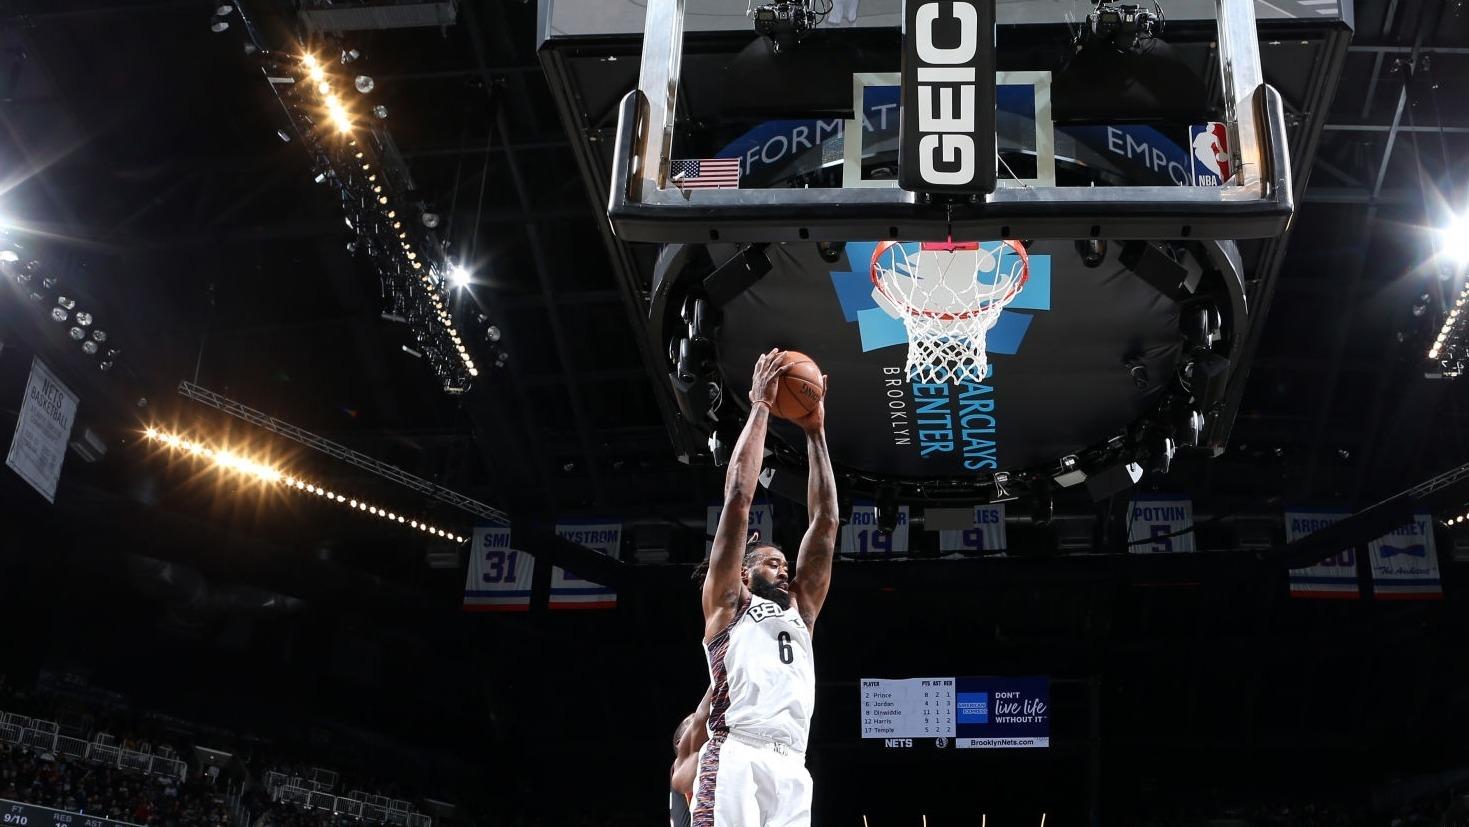 【原声回放】热火vs篮网第3节 伦纳德屡屡命中关键三分_NBA全场回放